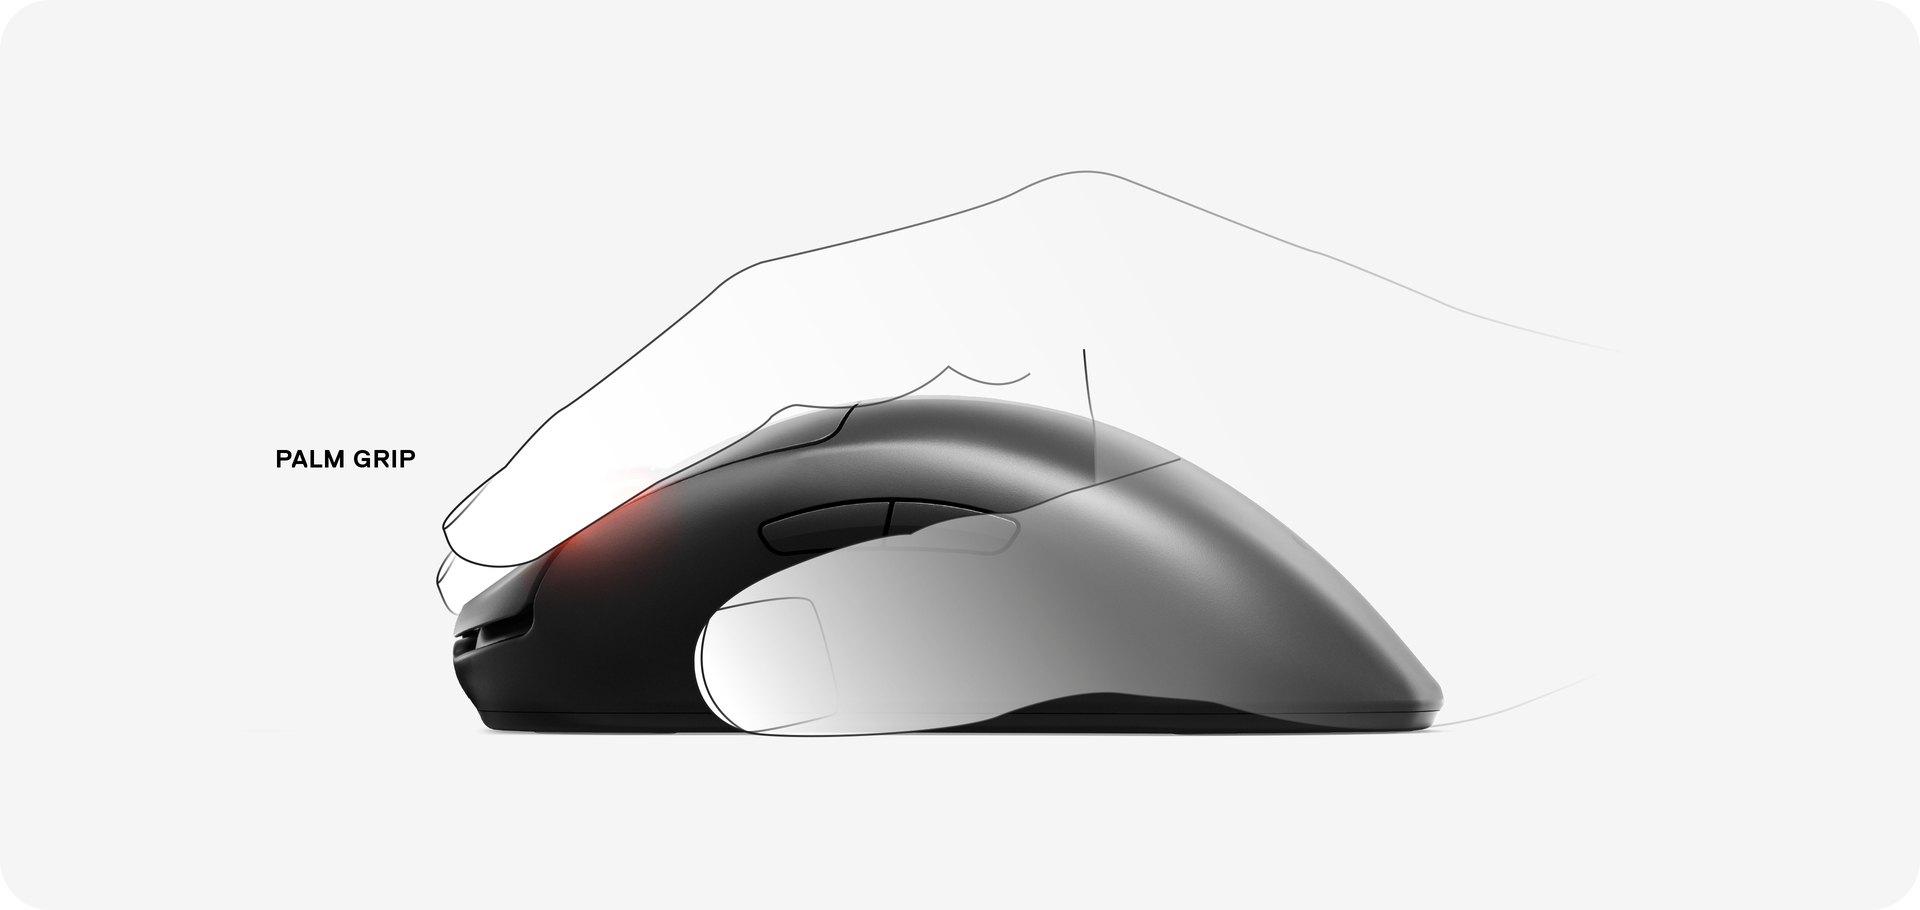 以掌握方式使用 Prime 無線滑鼠的手圖示。